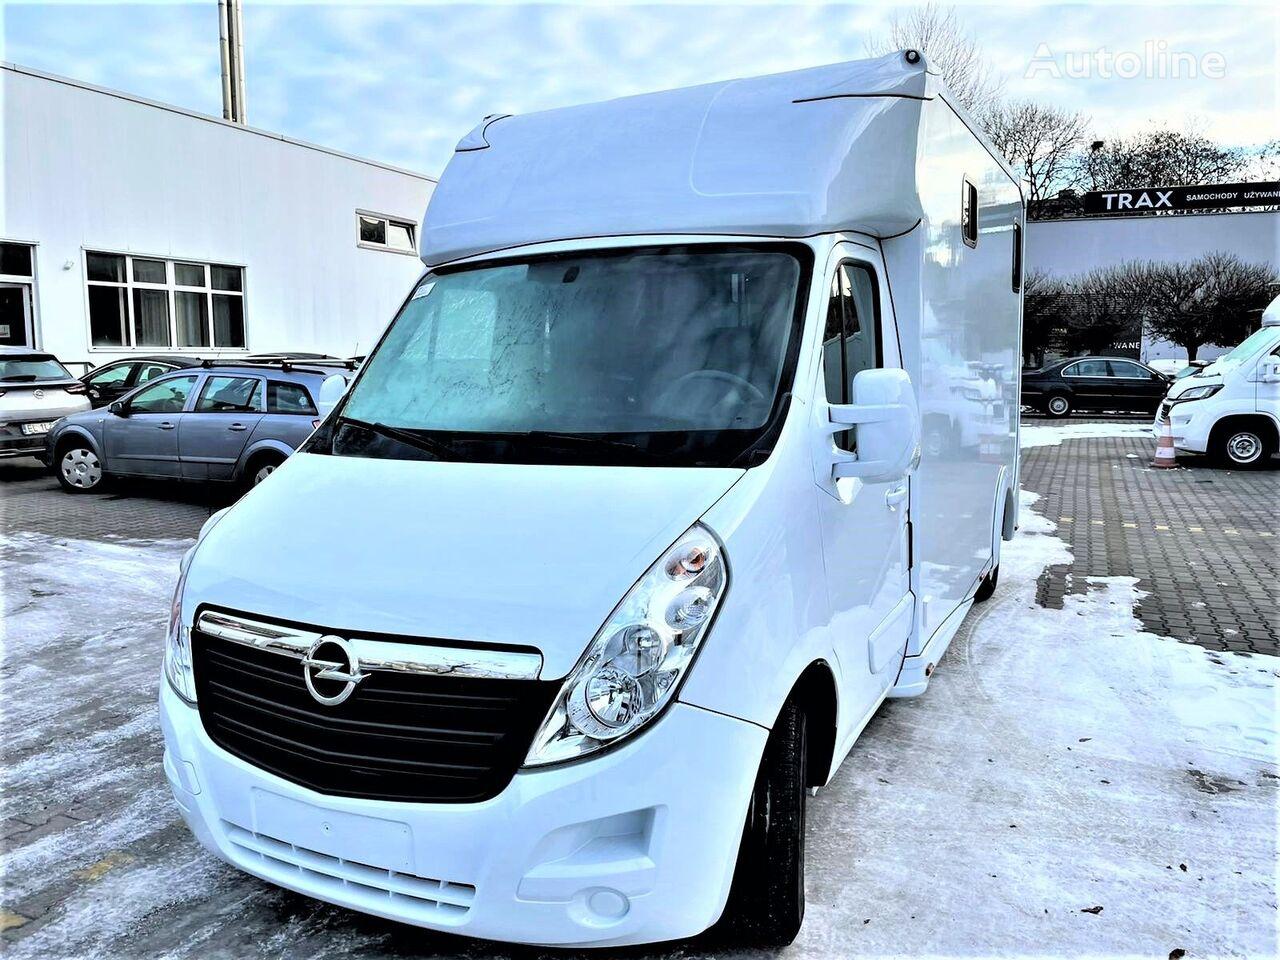 nieuw OPEL Movano paardenvrachtwagen